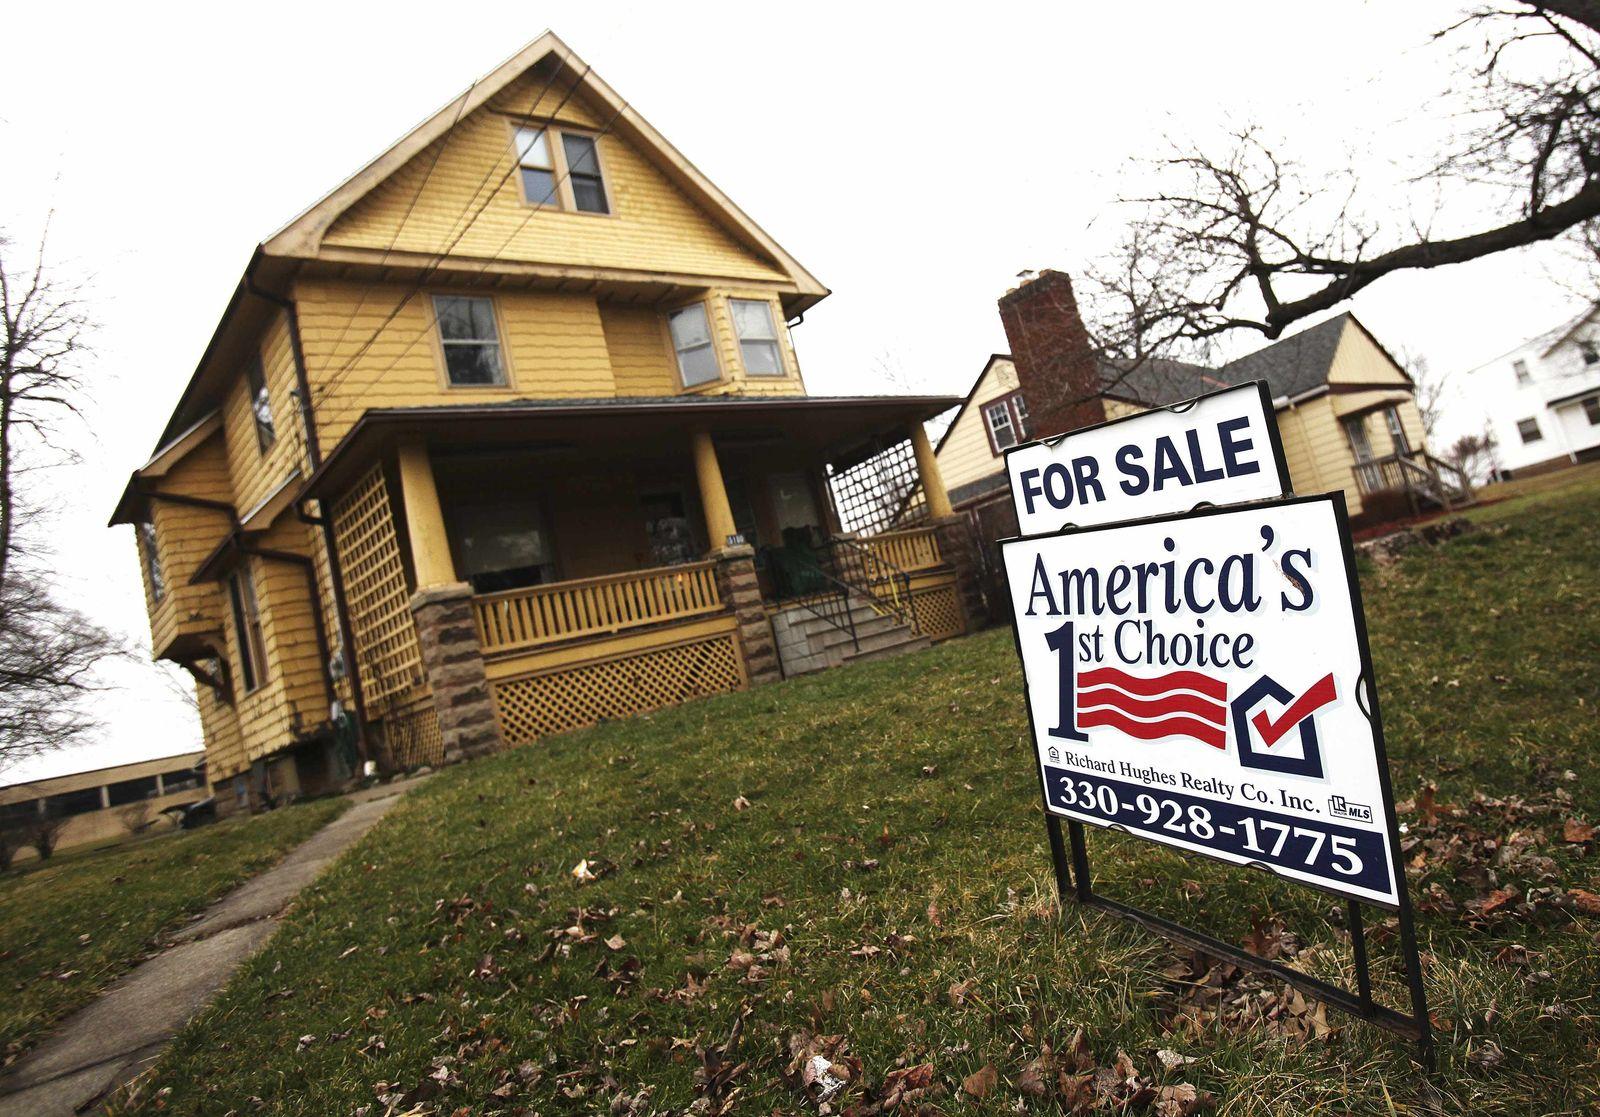 USA / Haus zu verkaufen / Bankenkrise